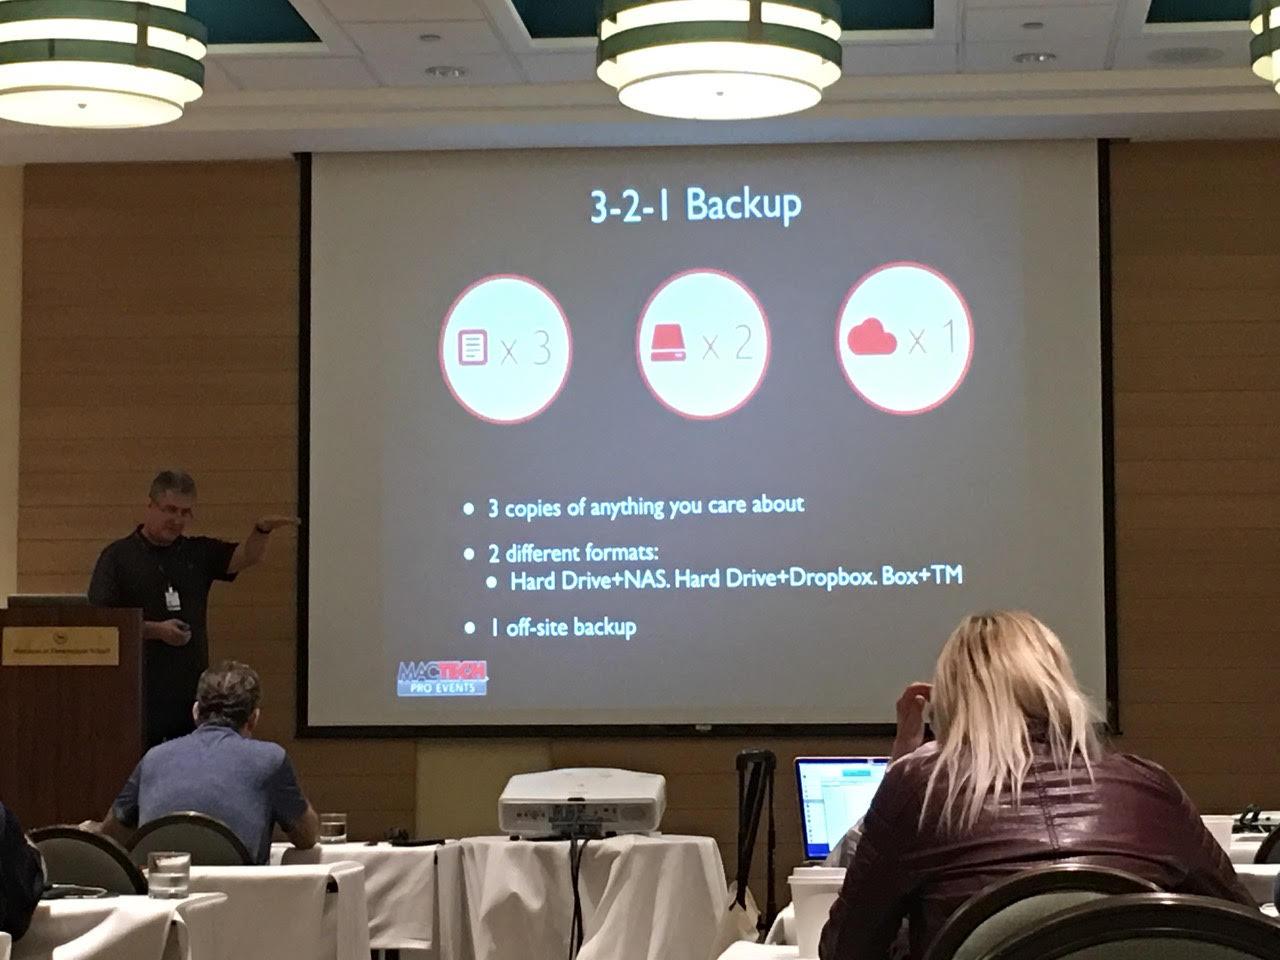 Mactech event 2017 2